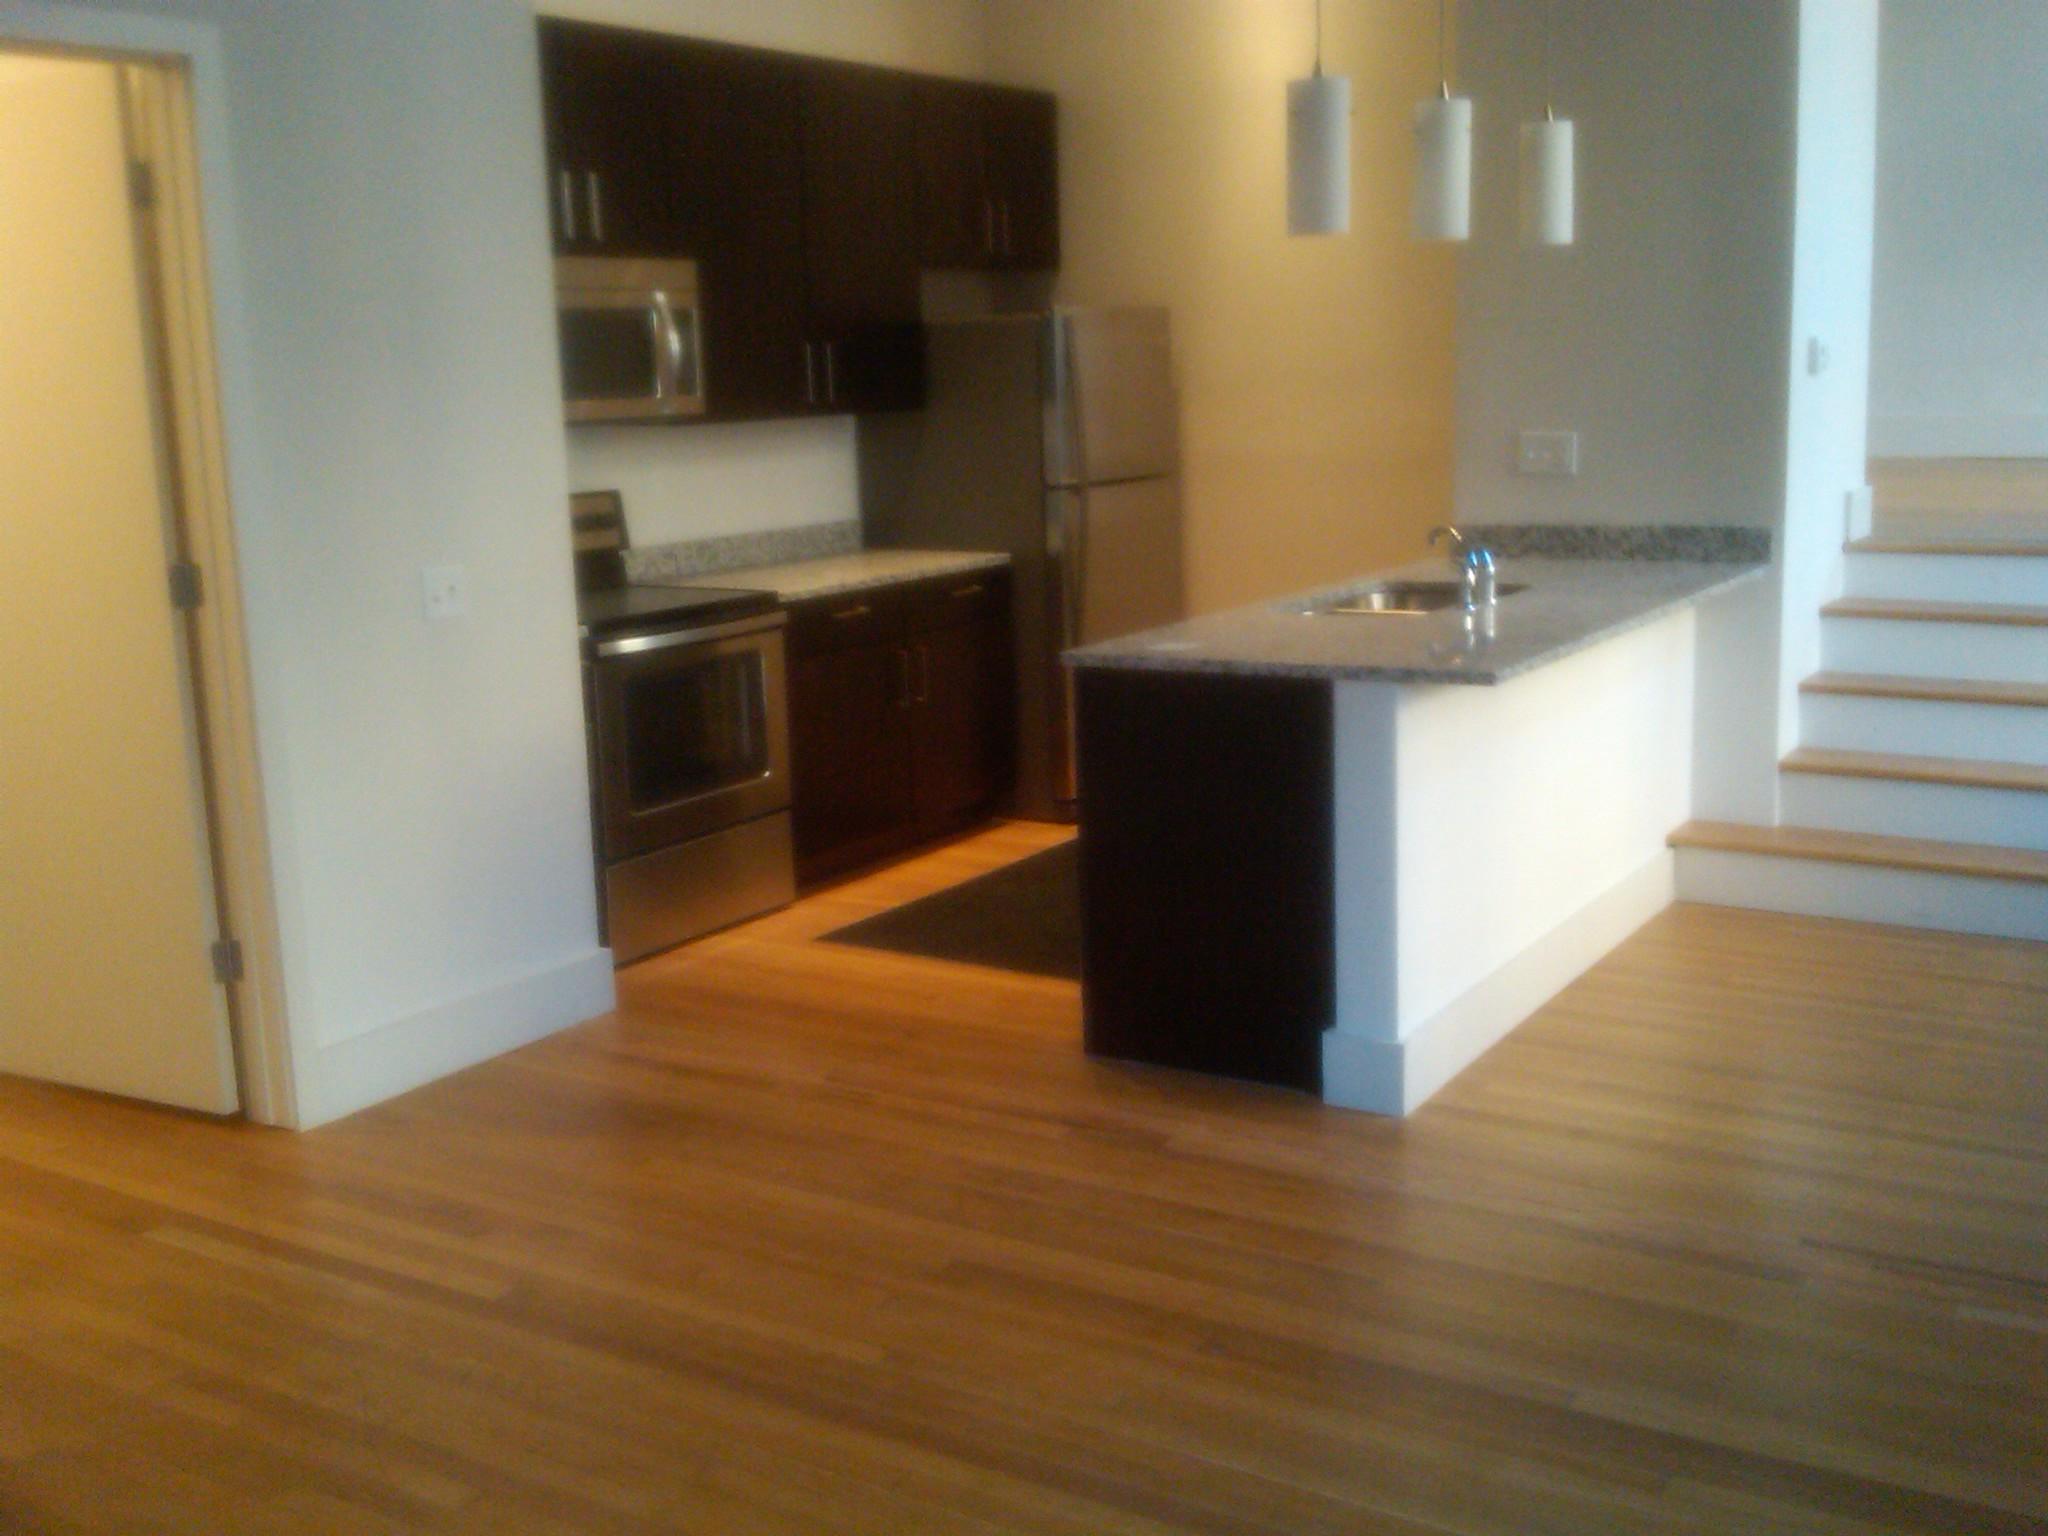 206 Kitchen.jpg